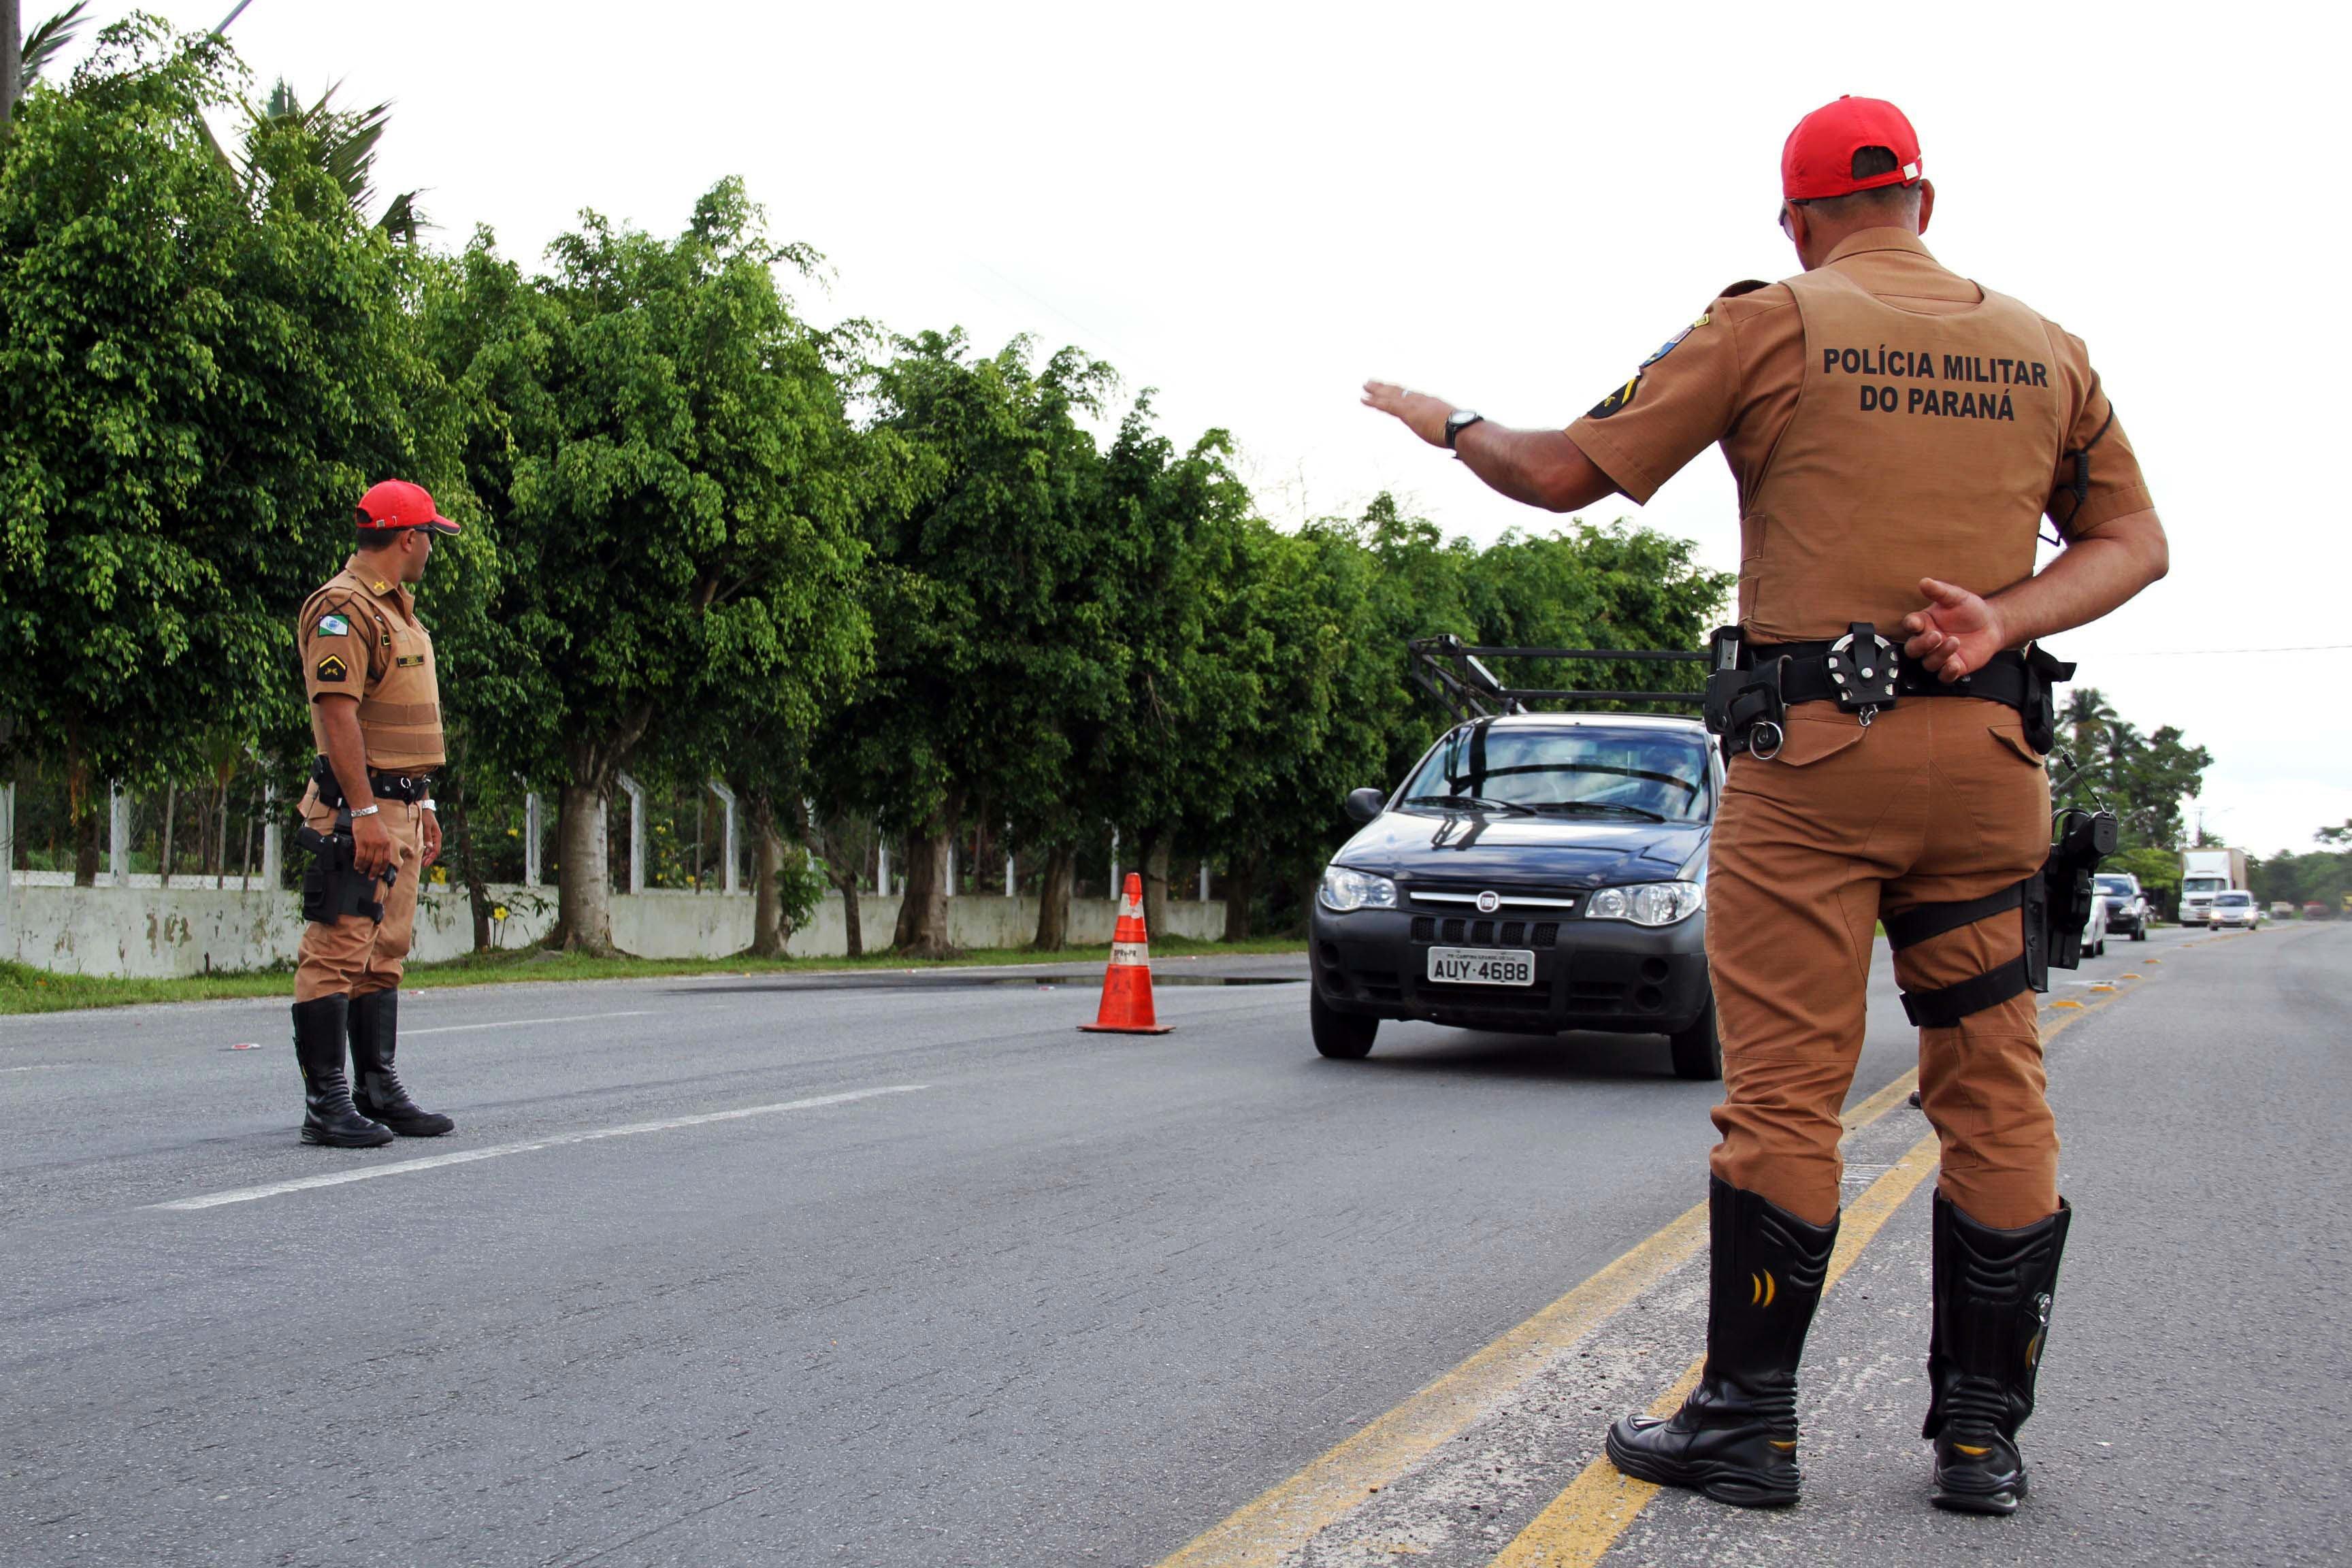 Agentes são suspeitos de dar continuidade a um esquema de cobrança de propina descoberto em 2018, quando 15 policiais foram presos